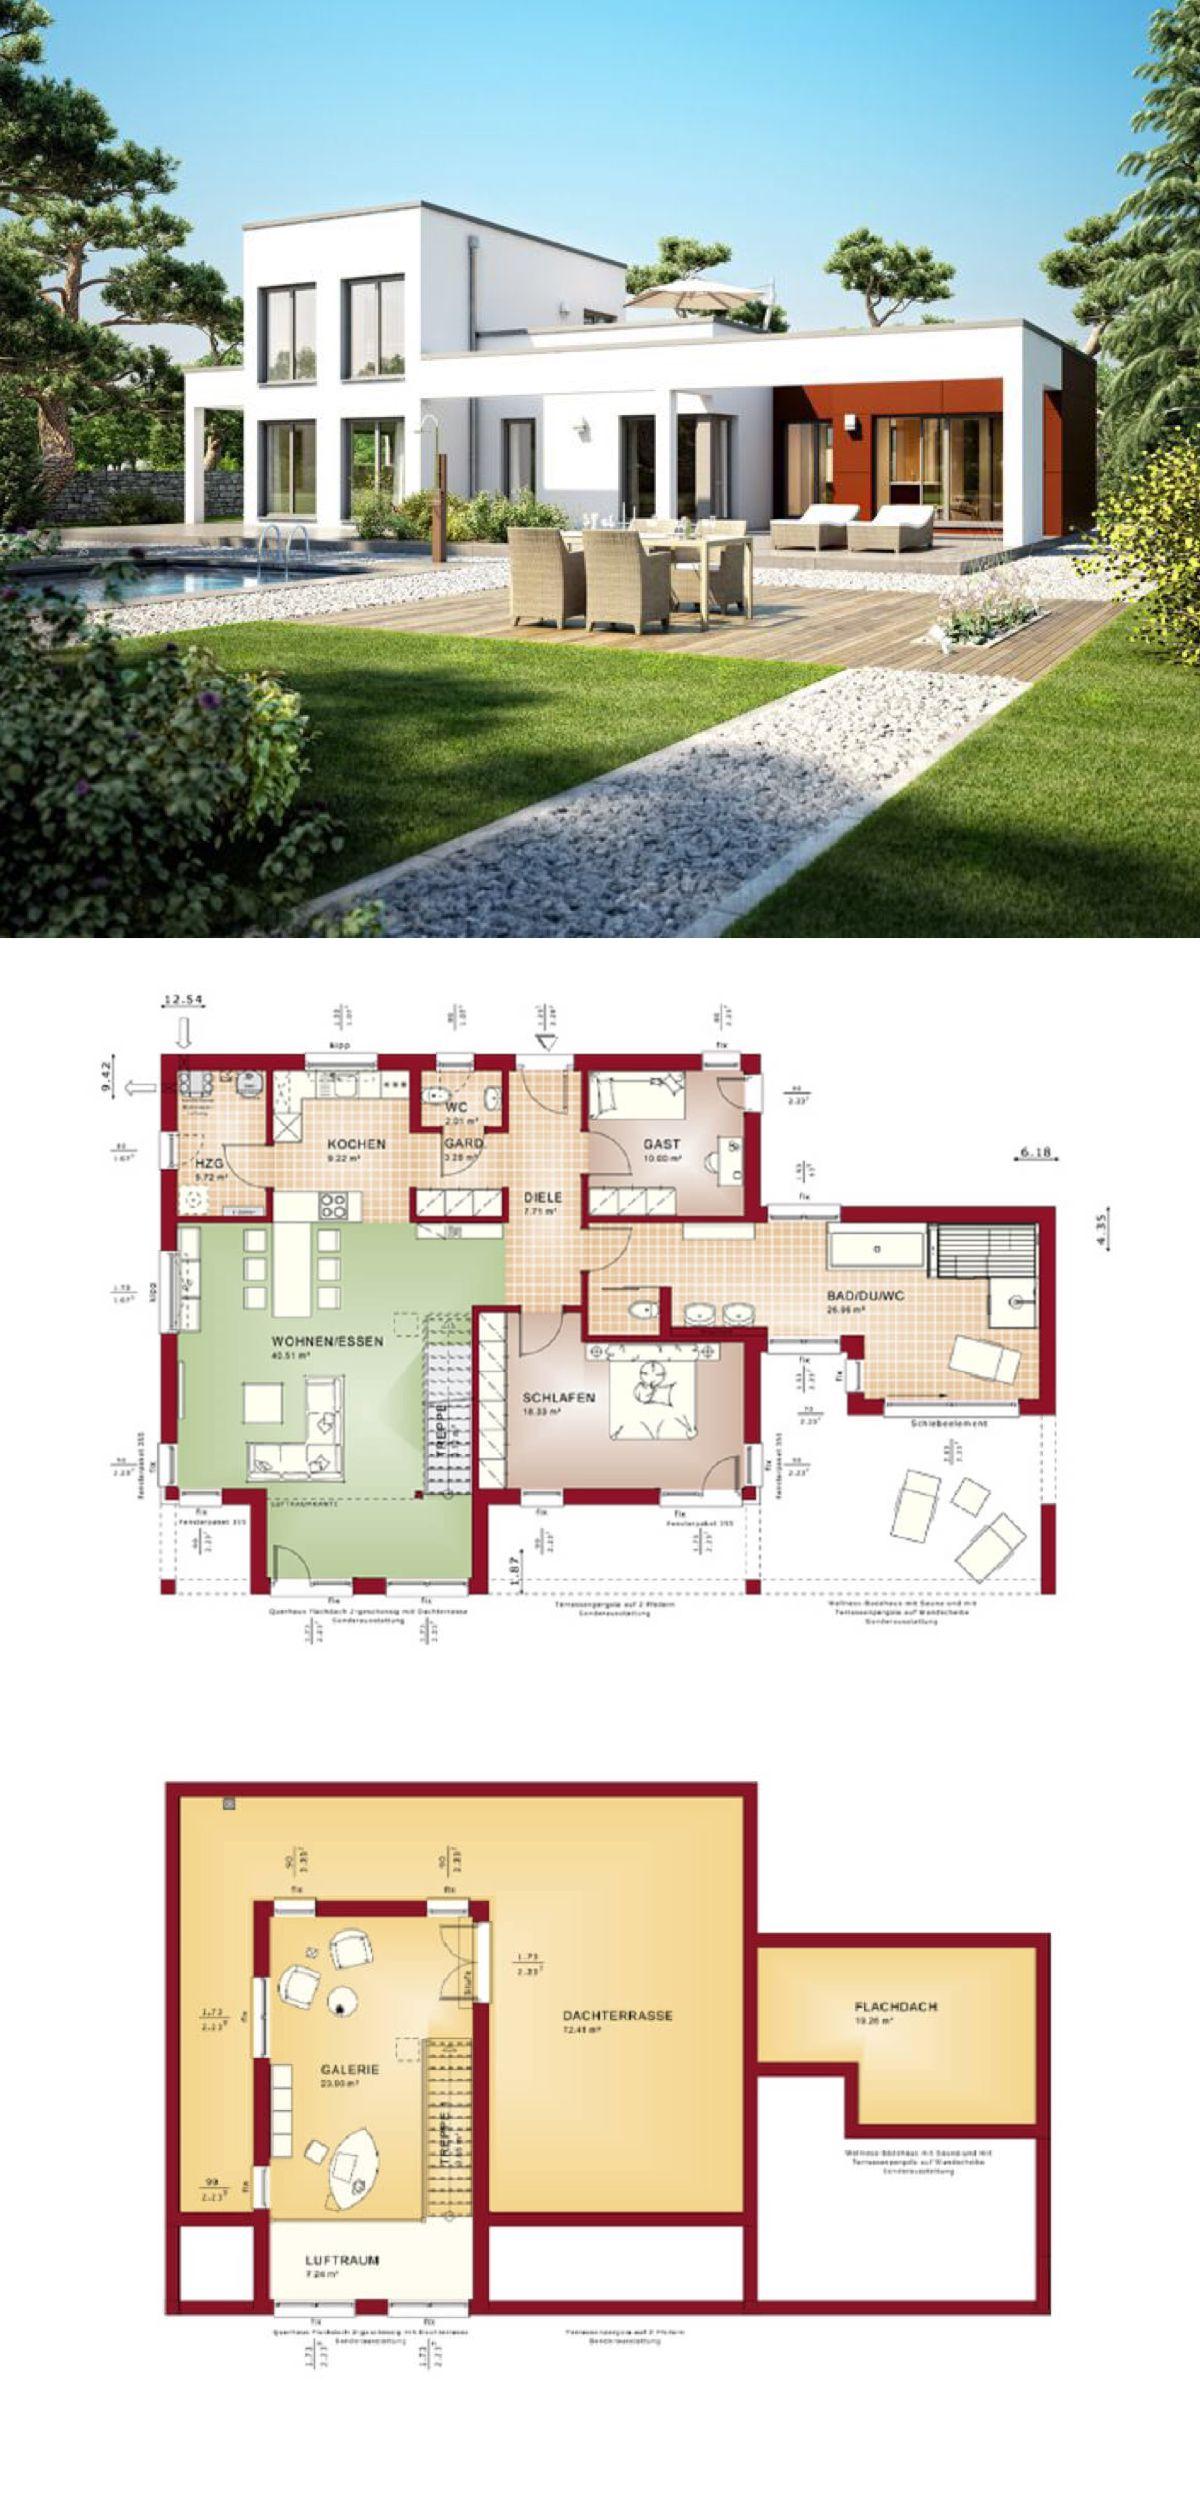 bungalow mit dachterrasse haus evolution 100 v10 von bien zenker offener grundriss terrasse pool garten bauhausstil gartenmobel flachdach